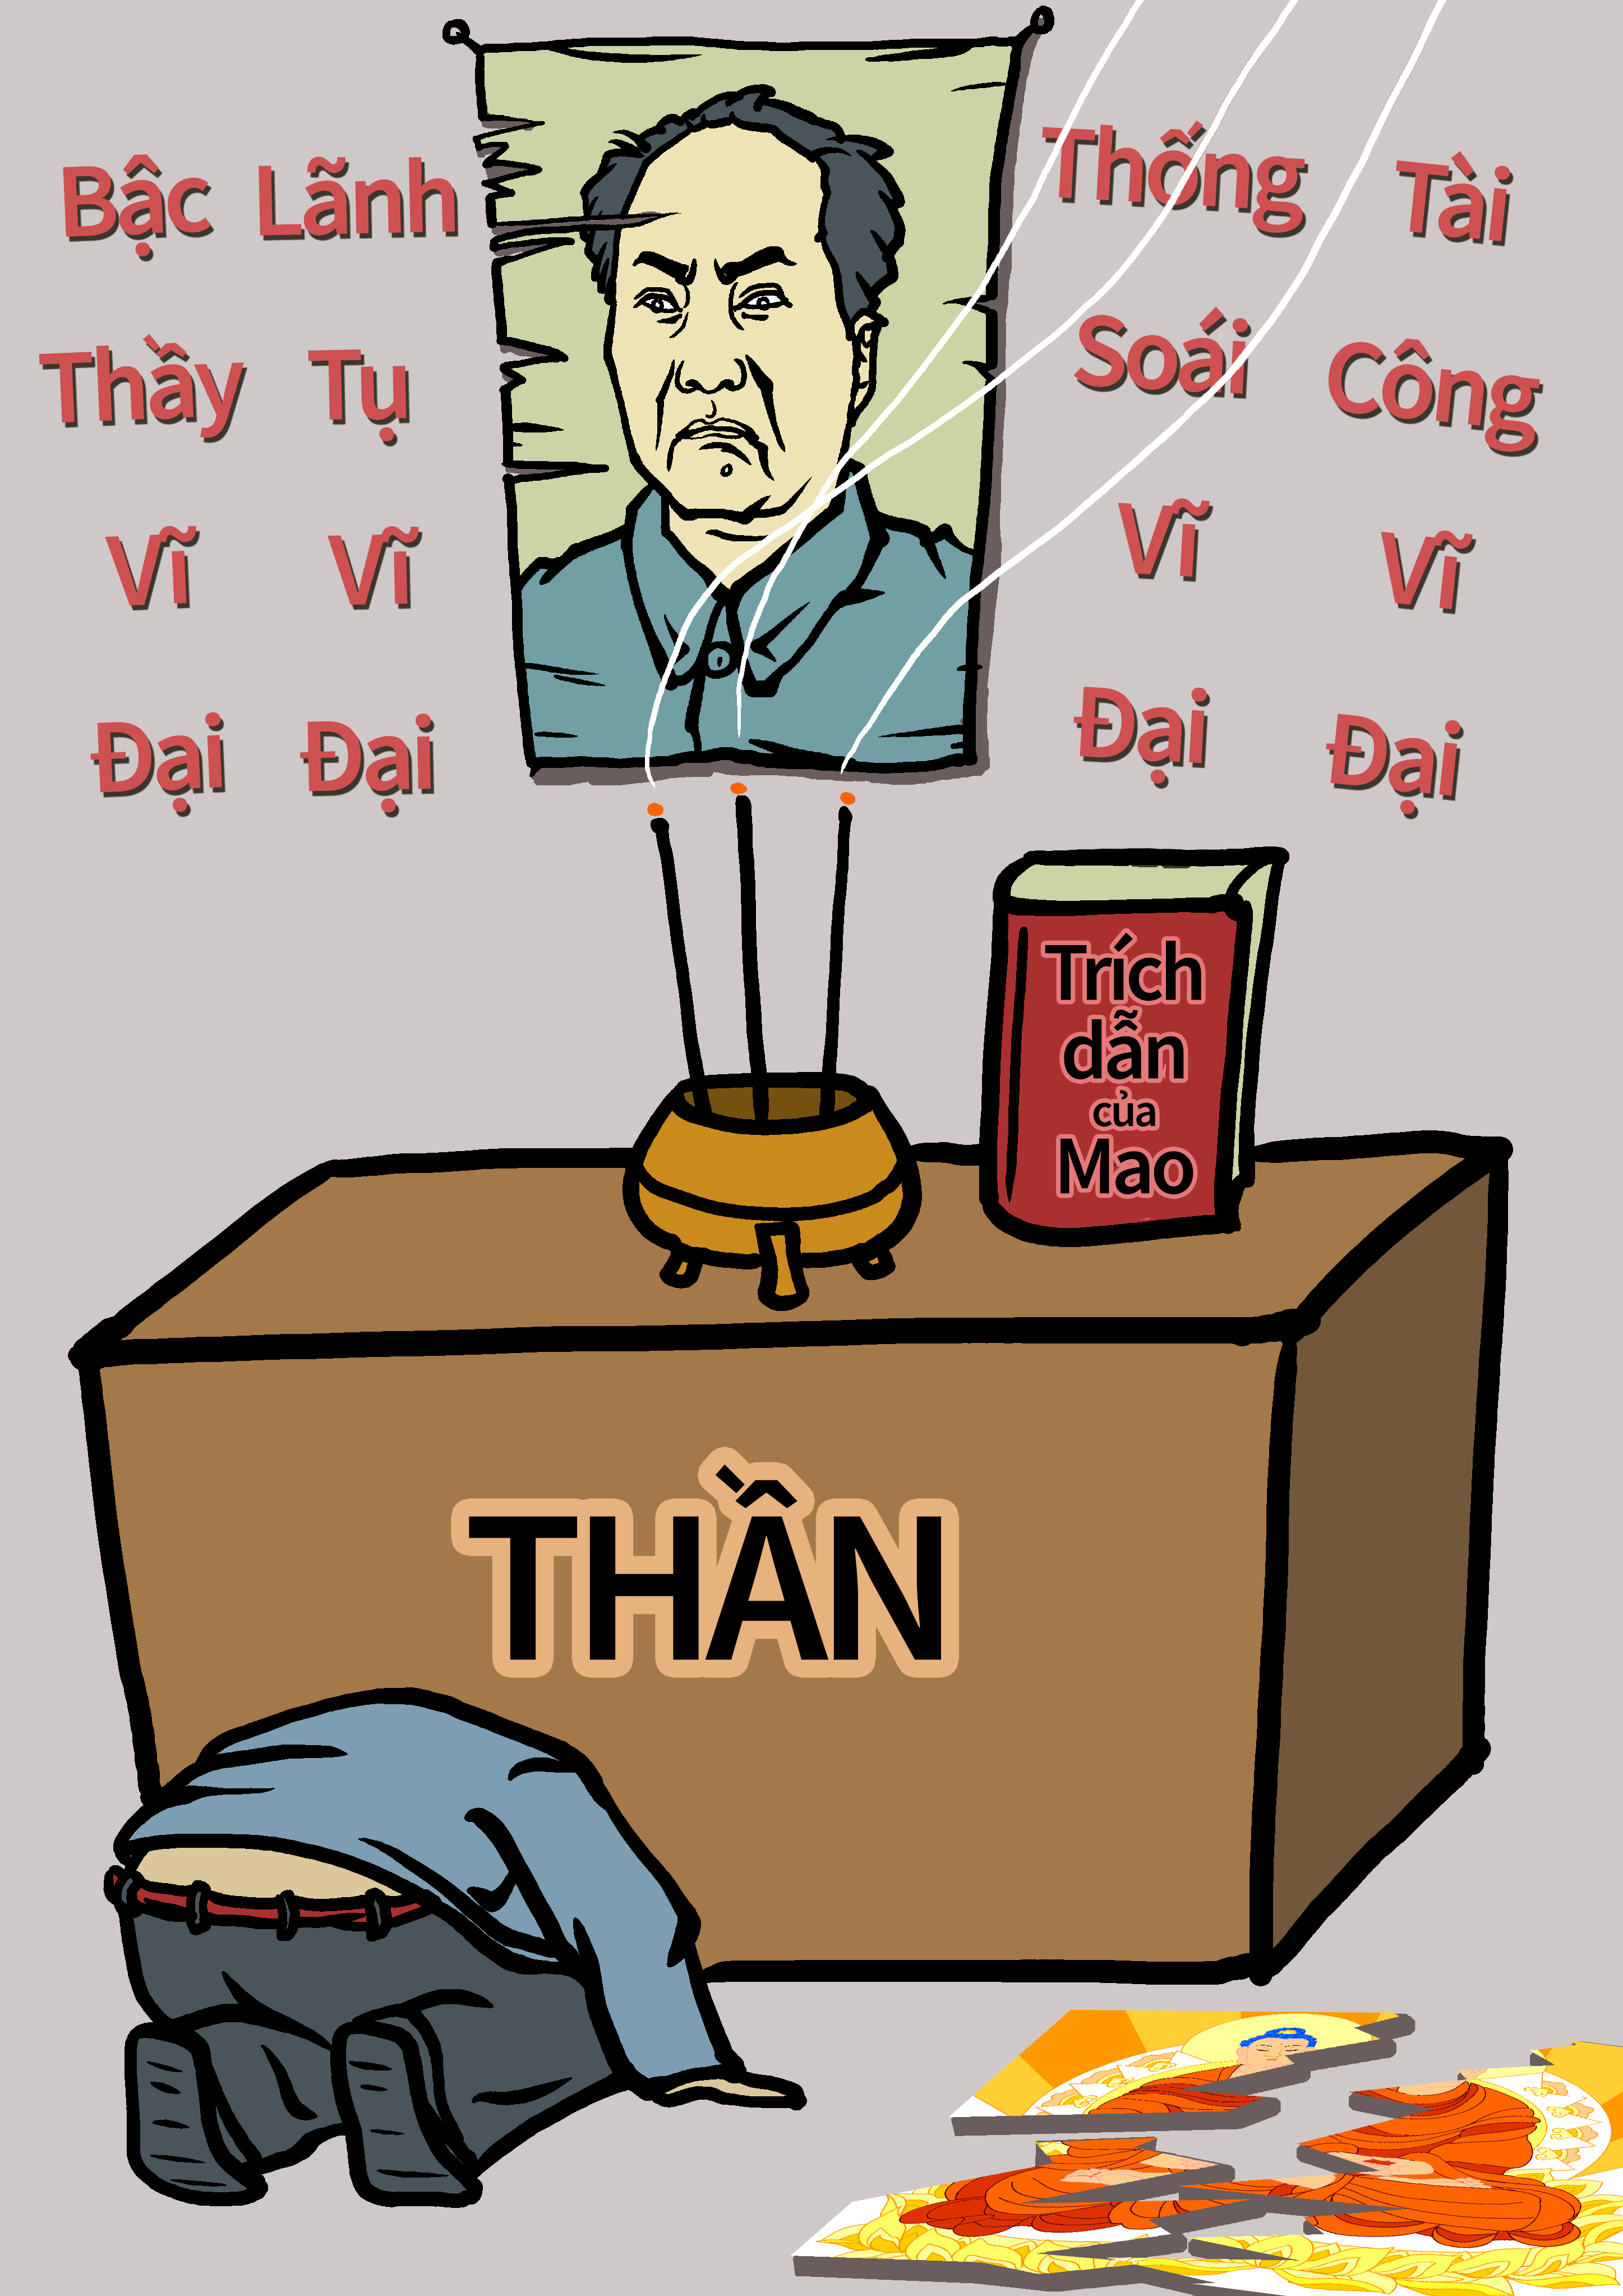 Bản chất của ĐCSTQ: Tuyên truyền sự vĩ đại của Marx, Engels, Lenin và Mao Trạch Đông